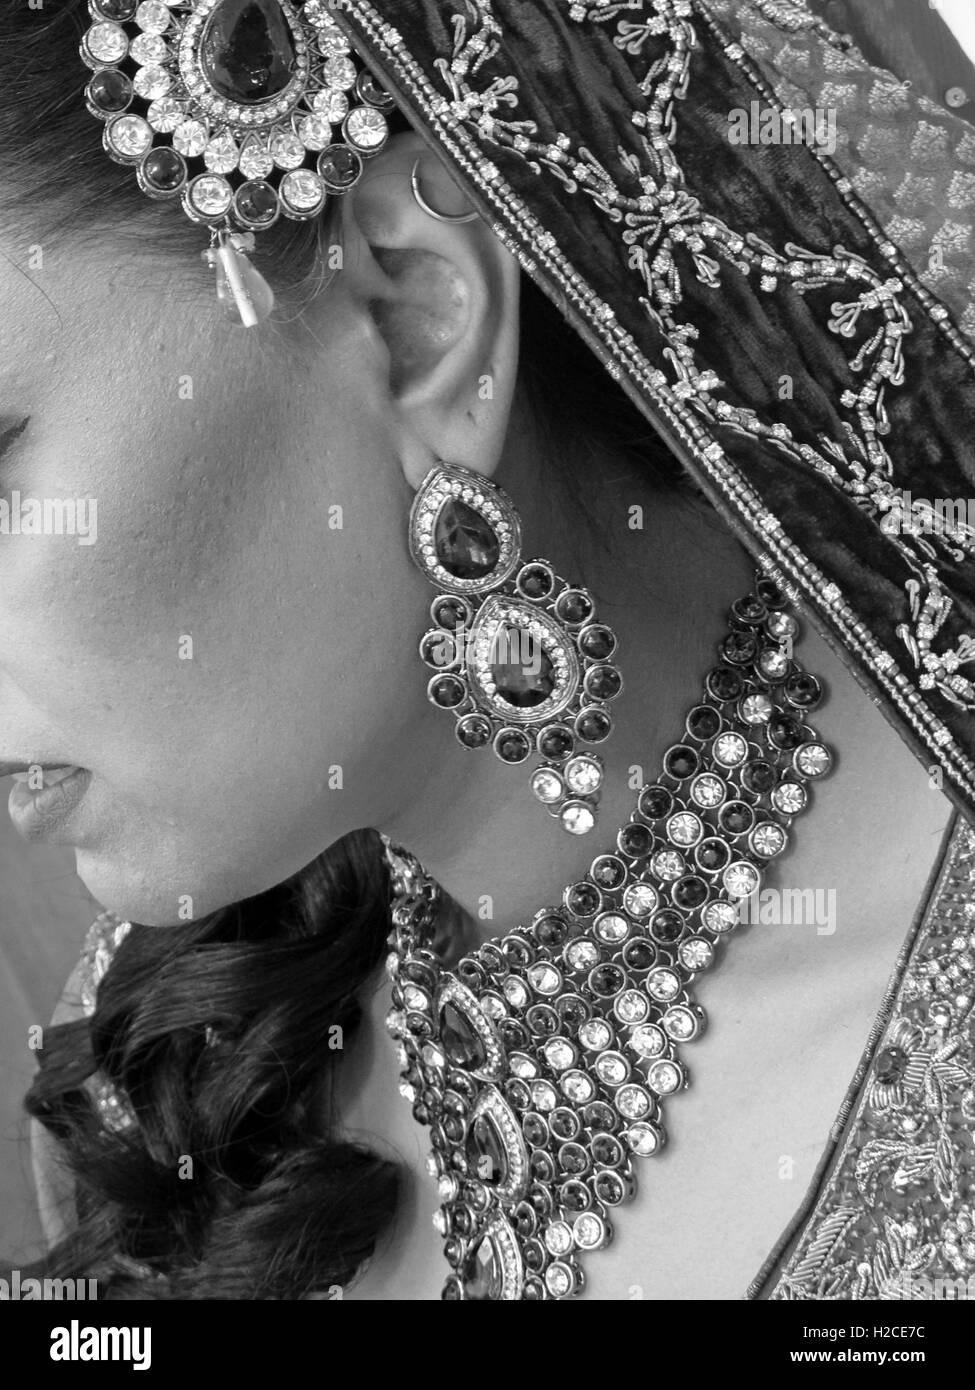 Laden Sie dieses Alamy Stockfoto Asiatischen Hochzeit Hände und Schmuck, Henna und gold - H2CE7C